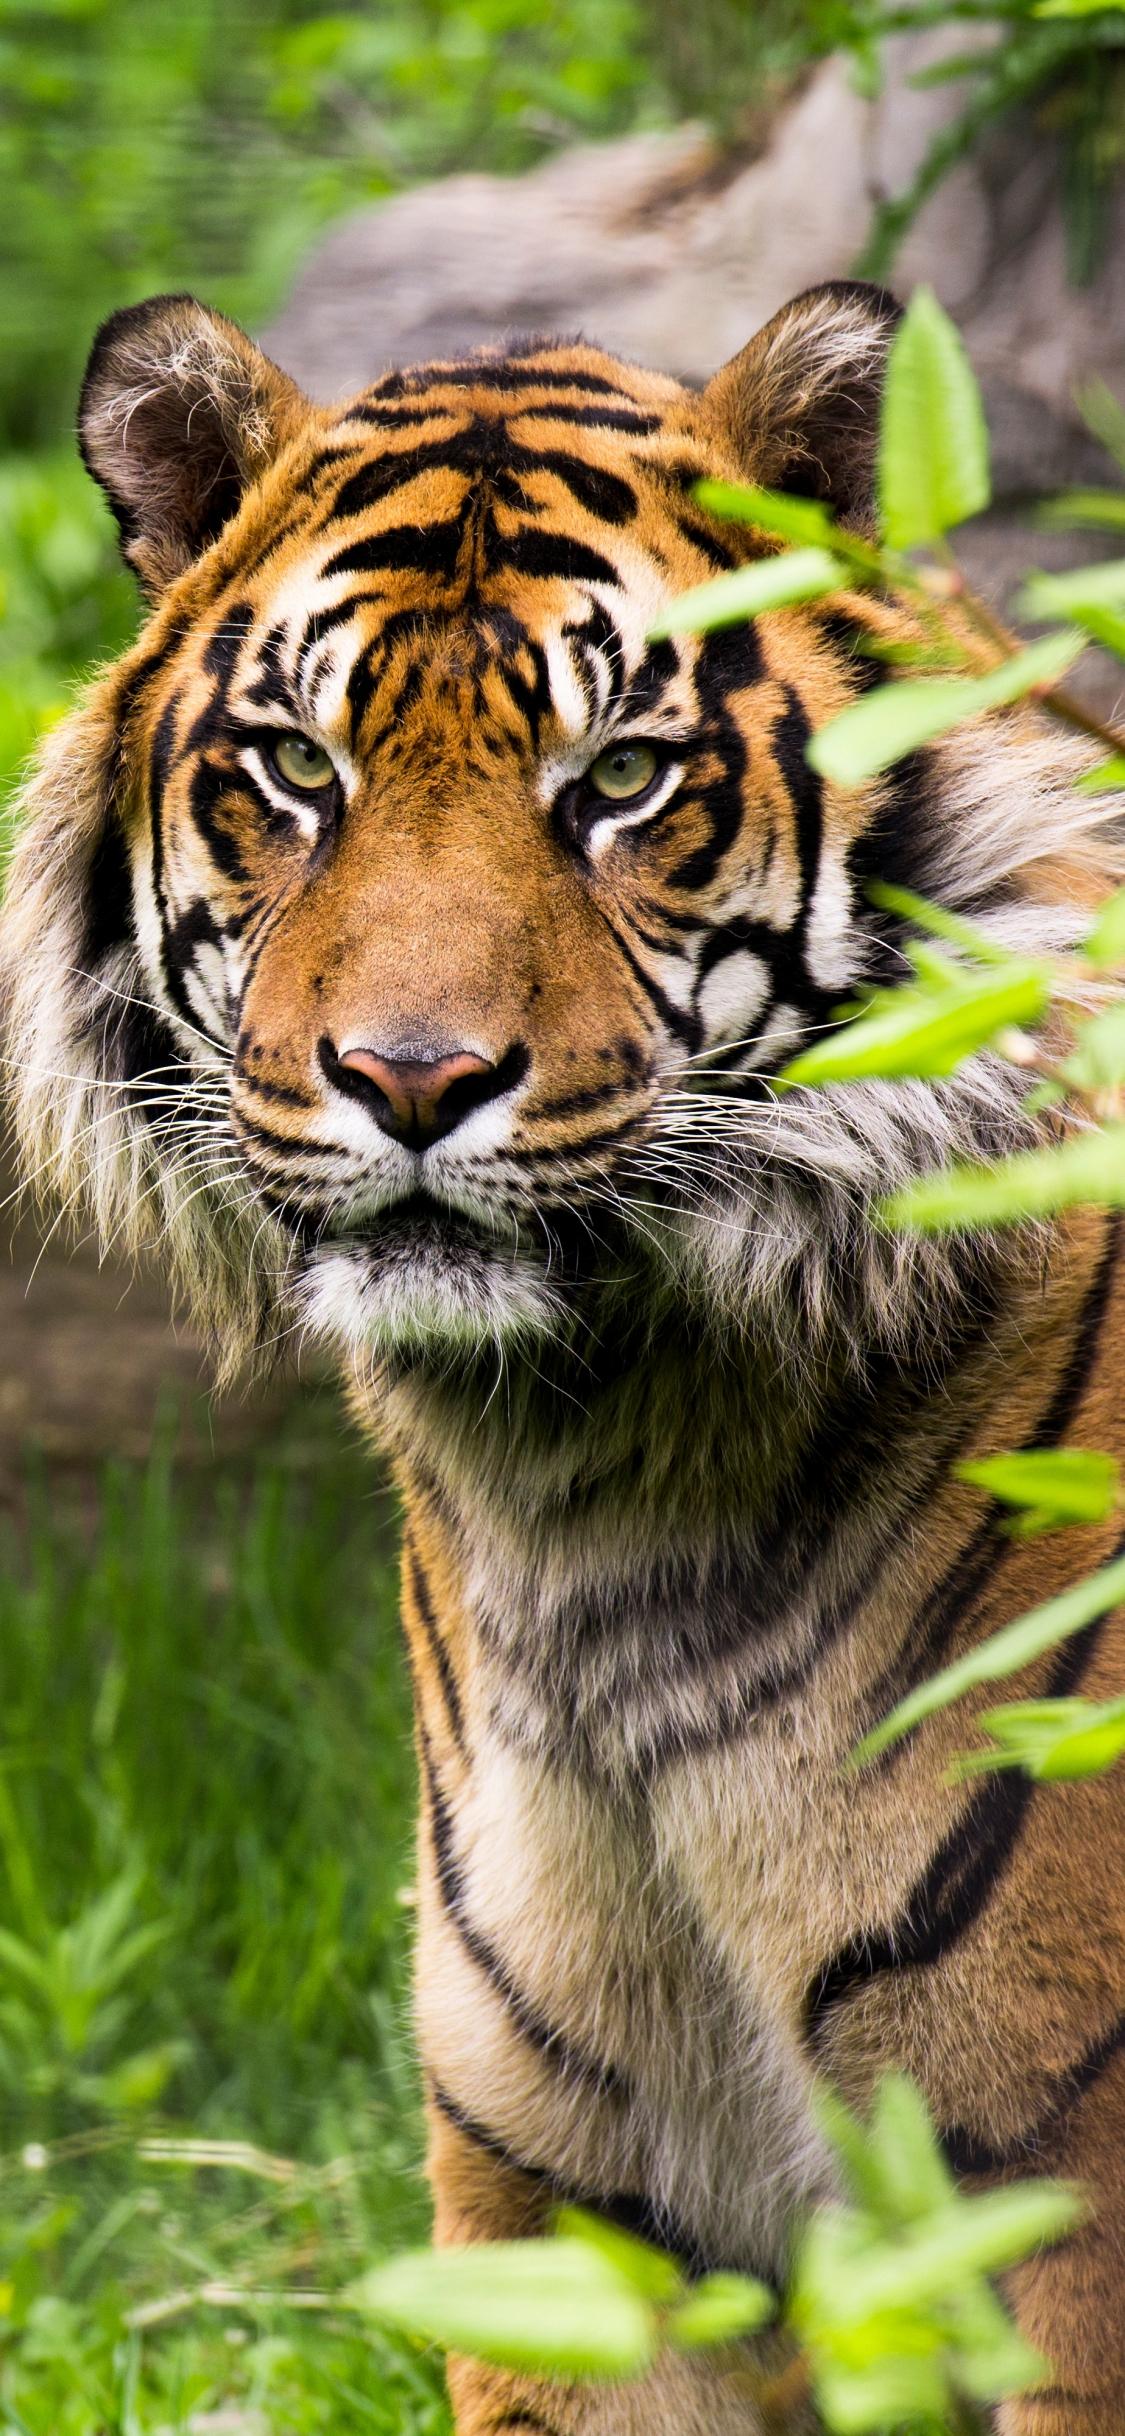 White Tiger Mobile Wallpaper HD